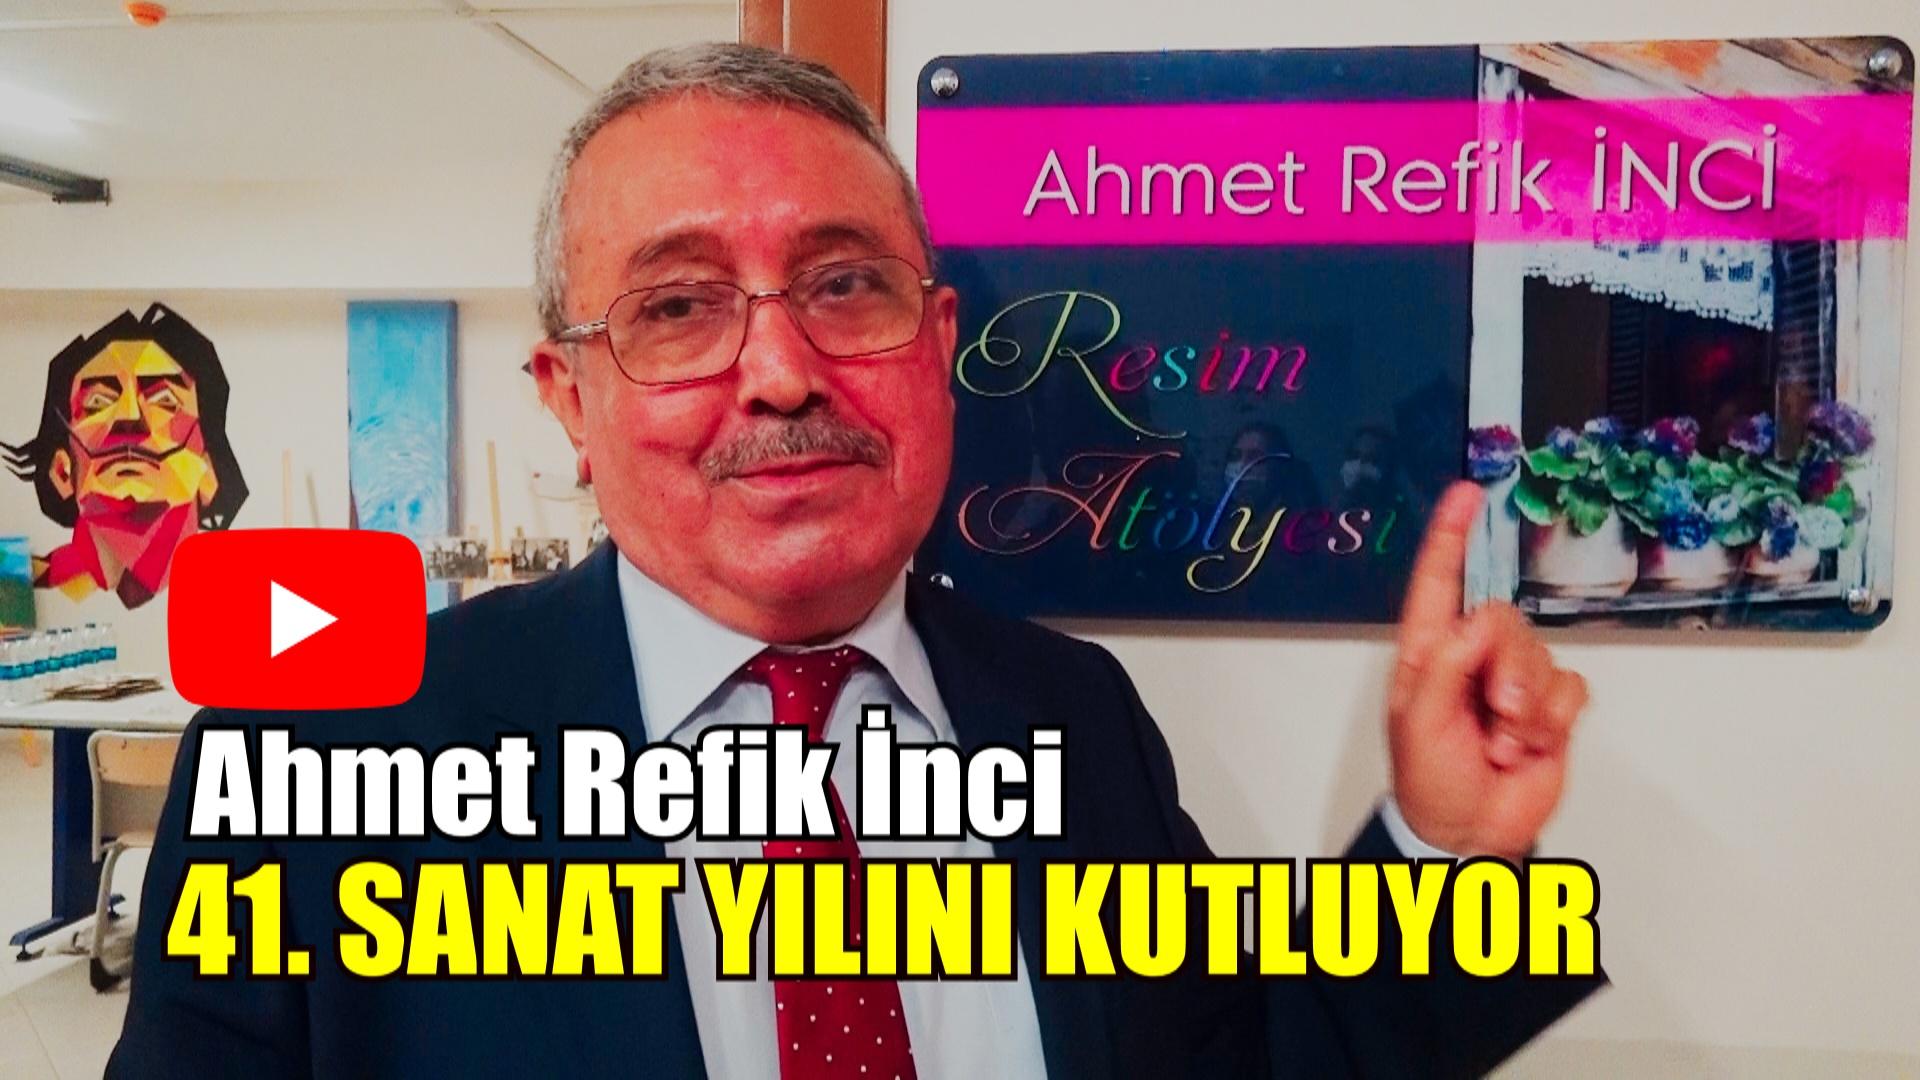 AHMET REFİK İNCİ 41.SANAT YILINI KUTLUYOR